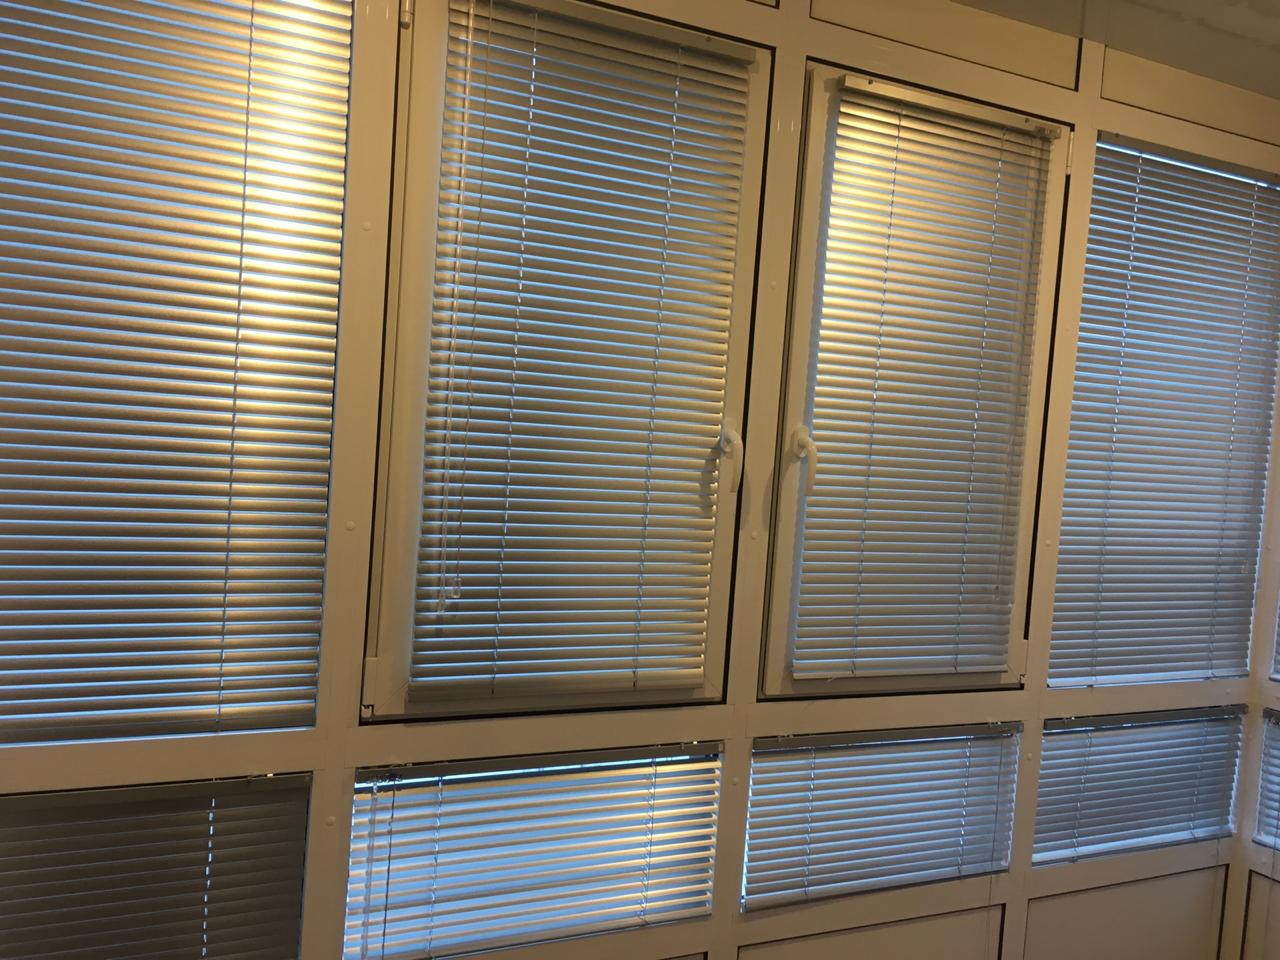 Горизонтальные жалюзи на окне